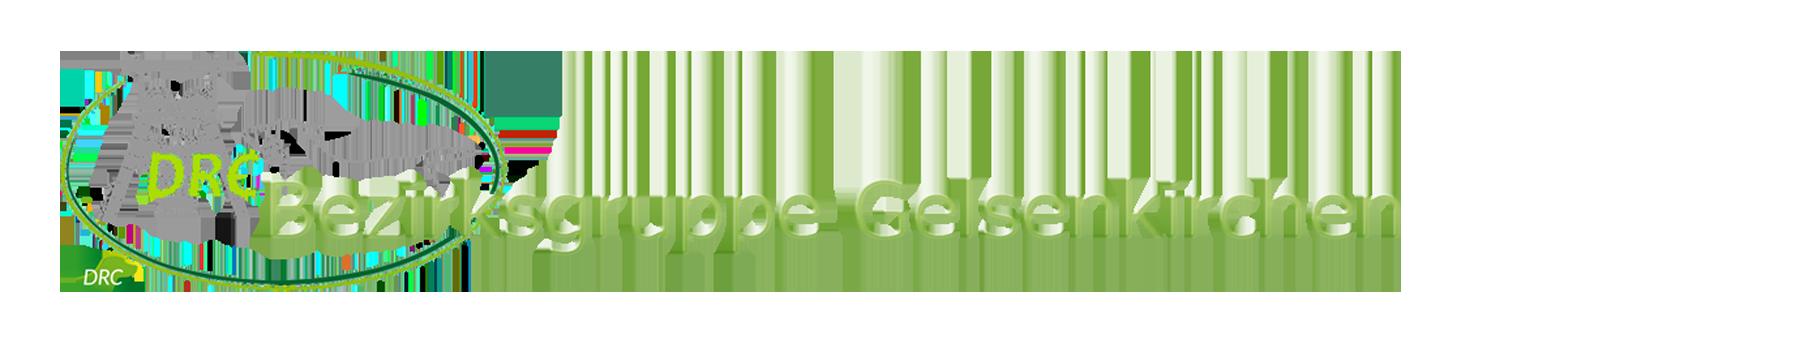 DRC-Bezirksgruppe Gelsenkirchen